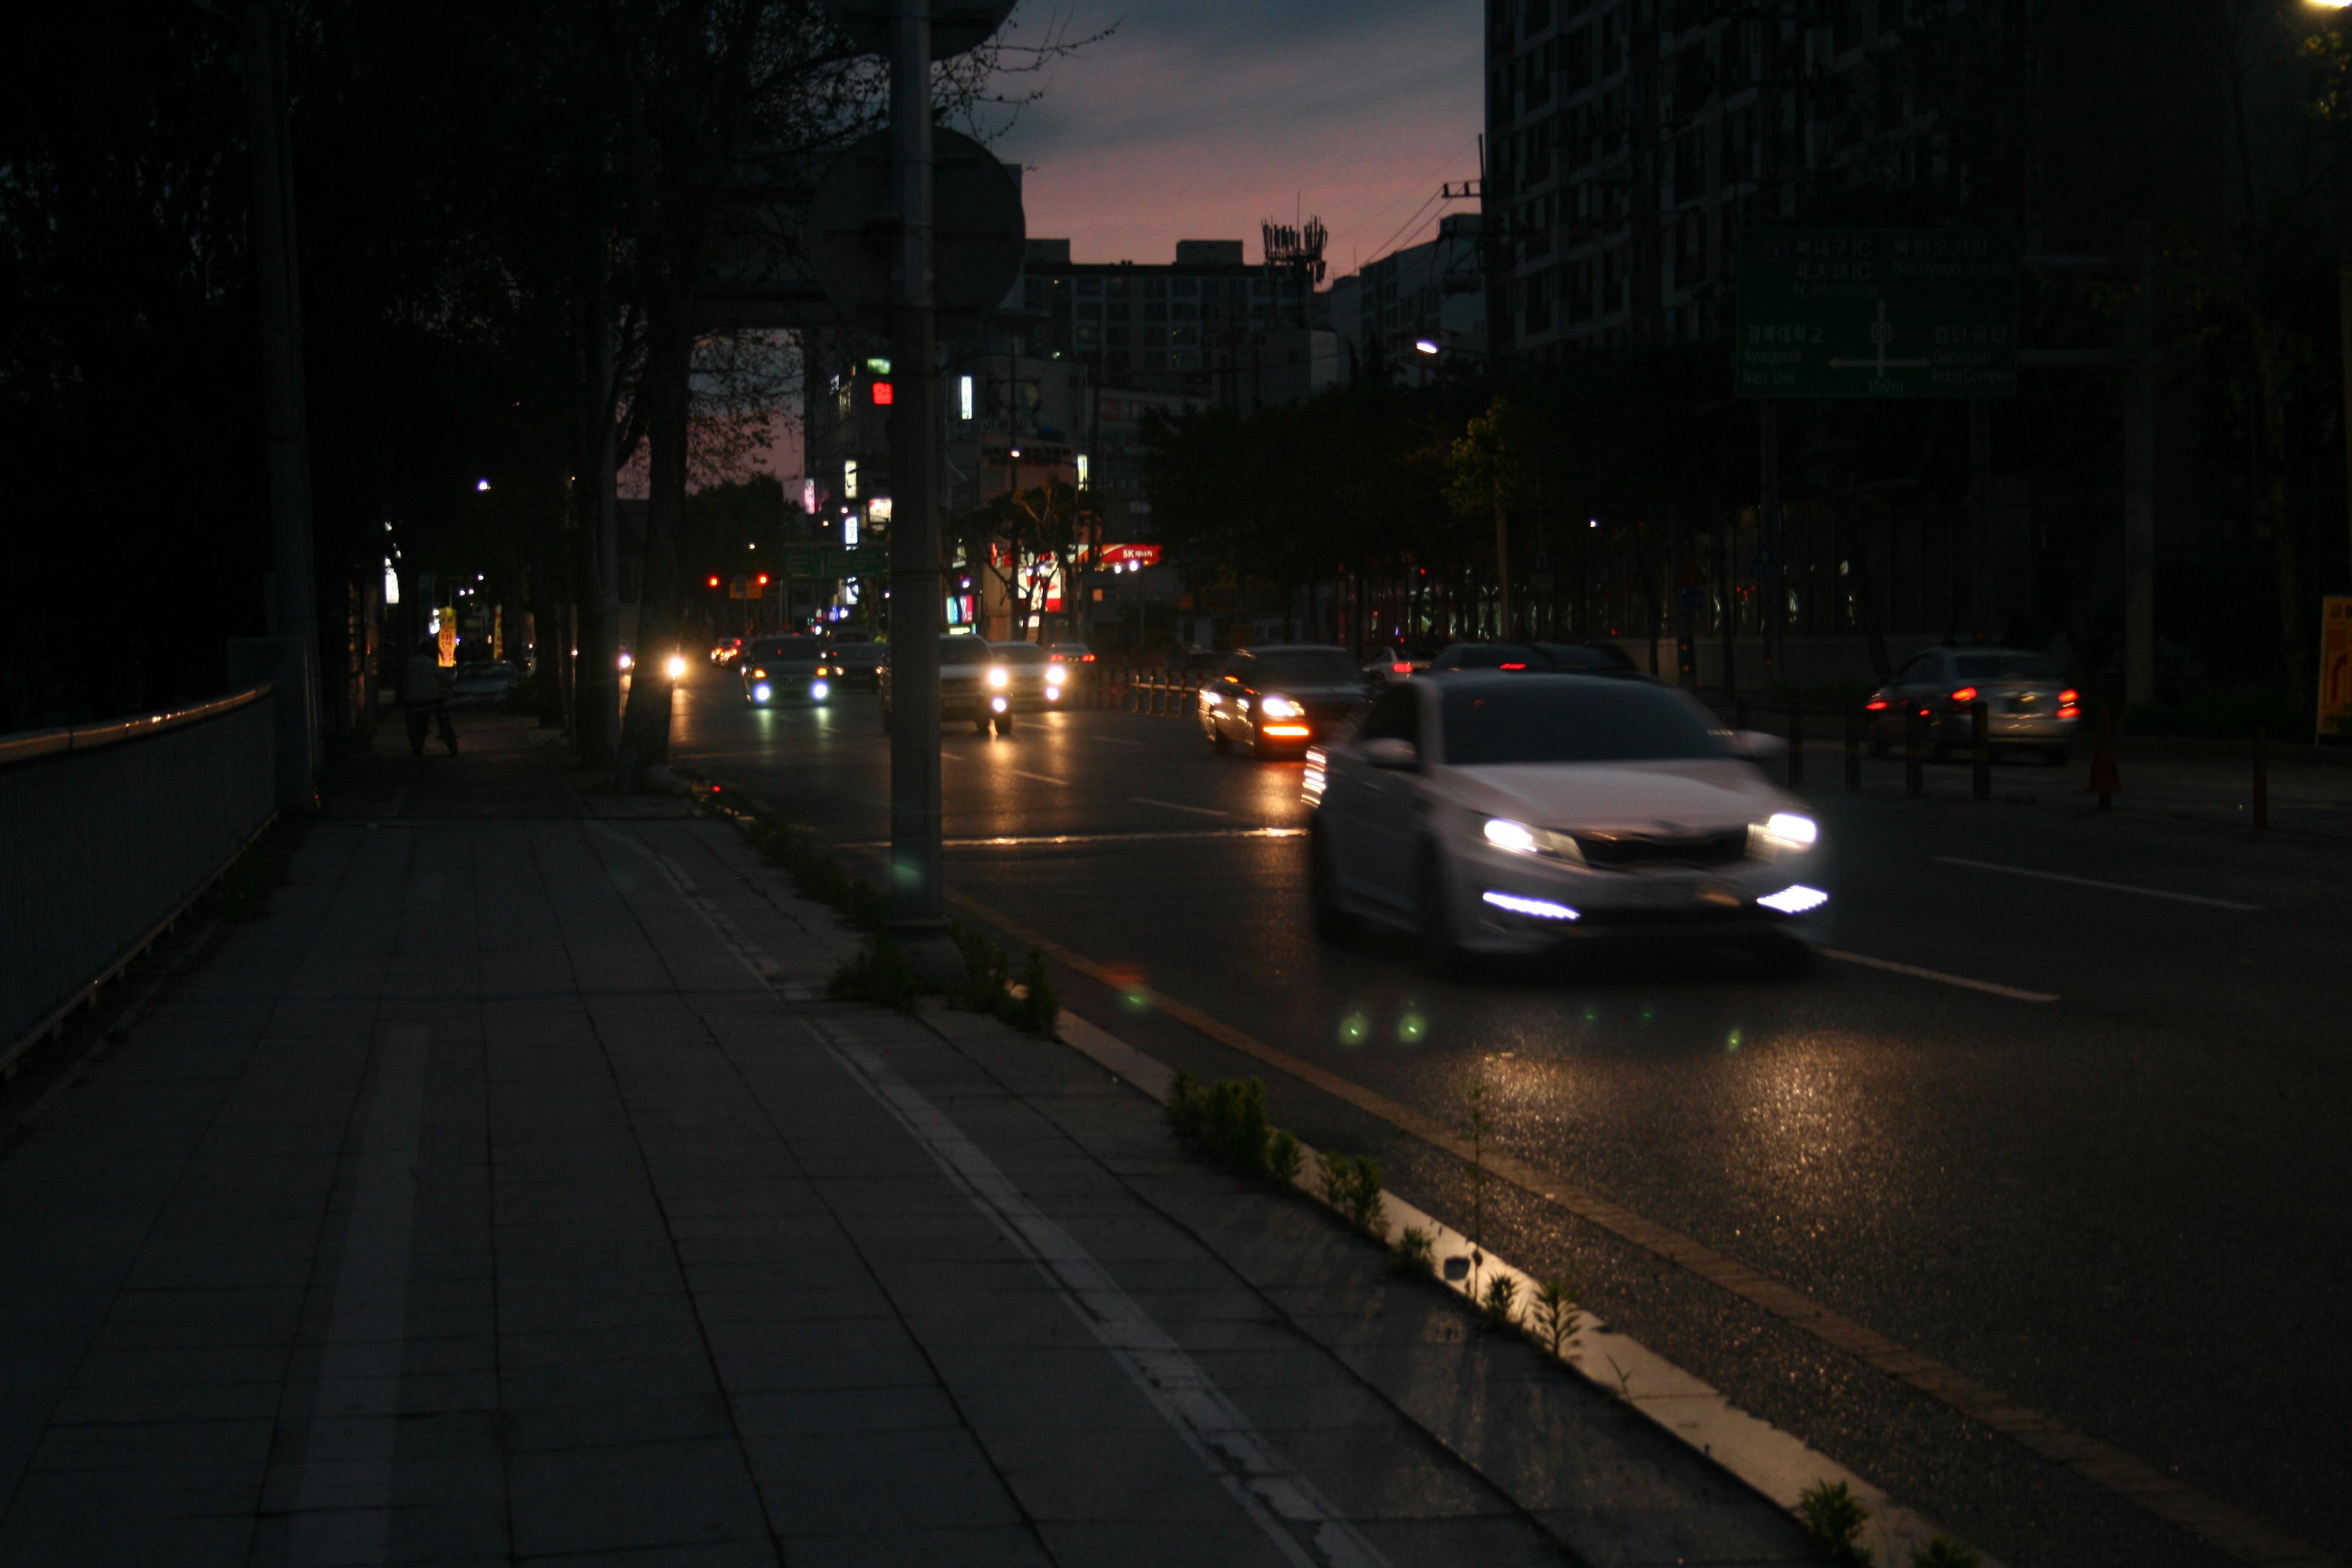 Free Images Road Traffic Morning Dusk Evening Vehicle